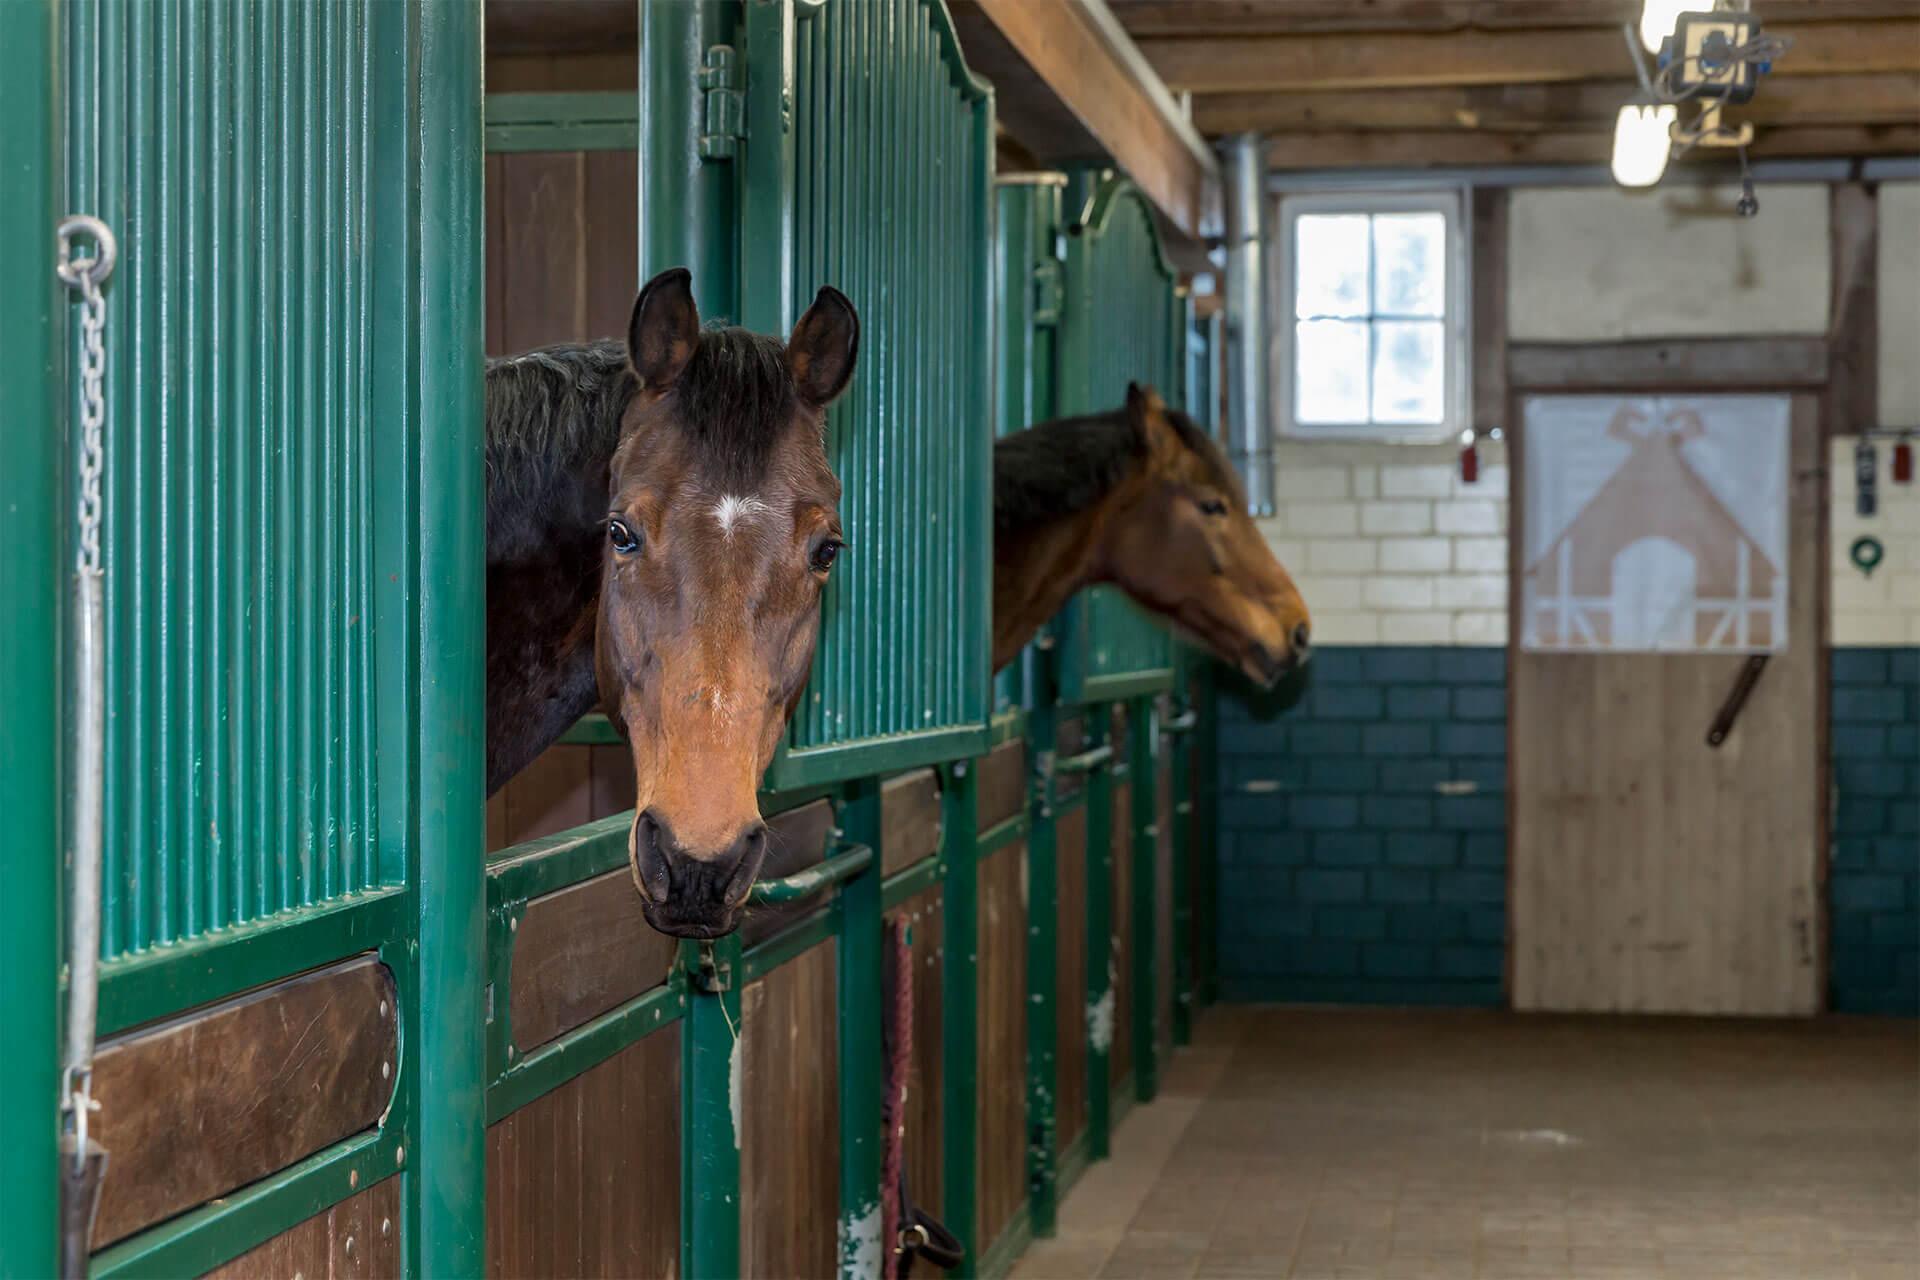 große, helle Gastboxen mit Gummiböden sorgen für Urlaubsfeeling bei ihrem Pferd